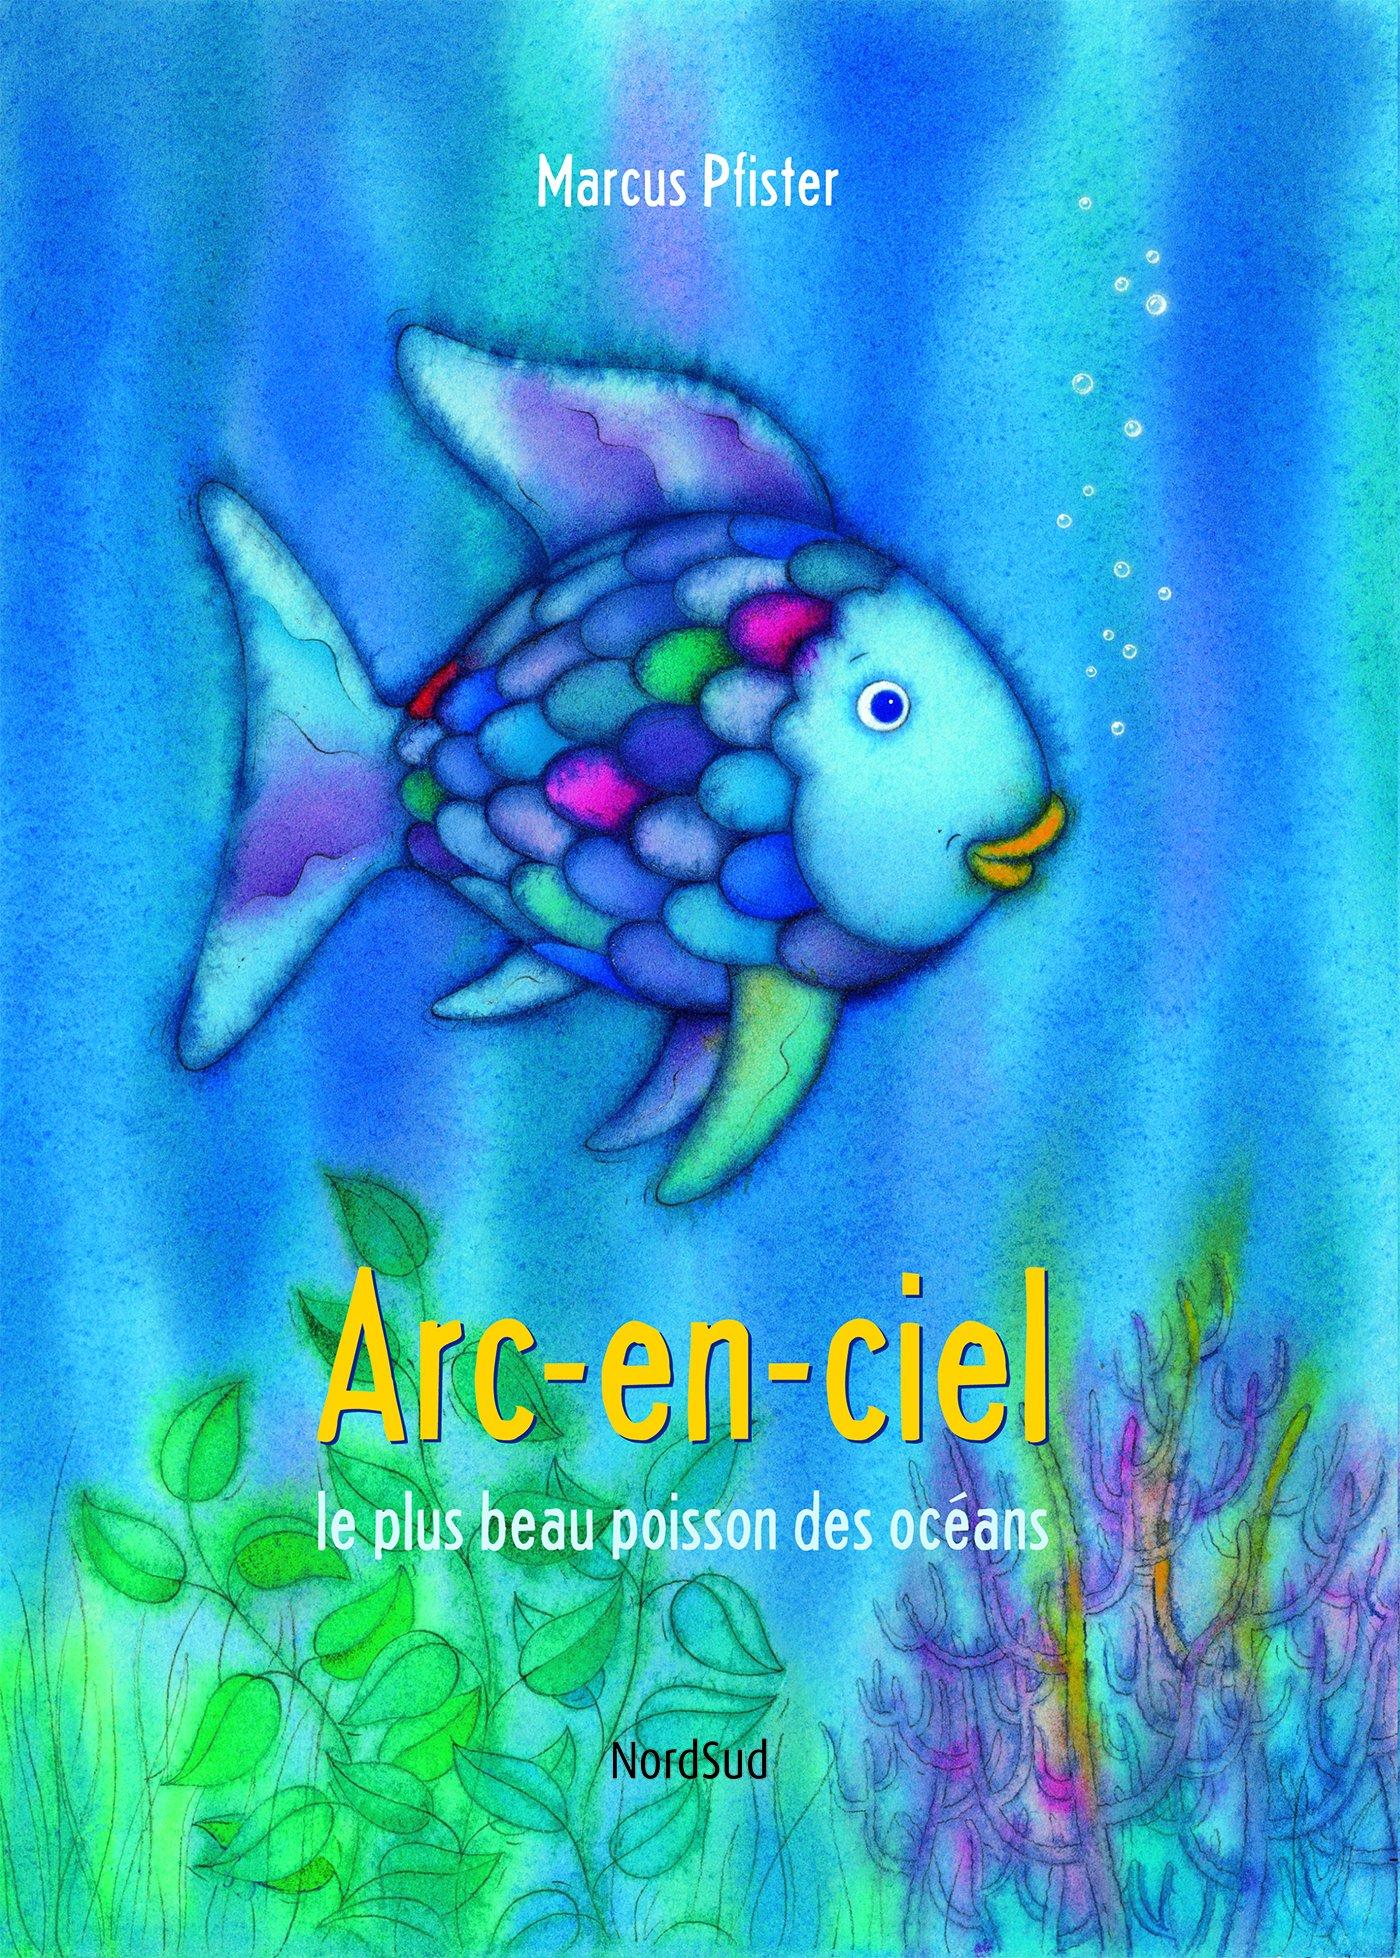 Arc En Ciel Le Plus Beau Poisson Oceans Ned Albums Nordsud